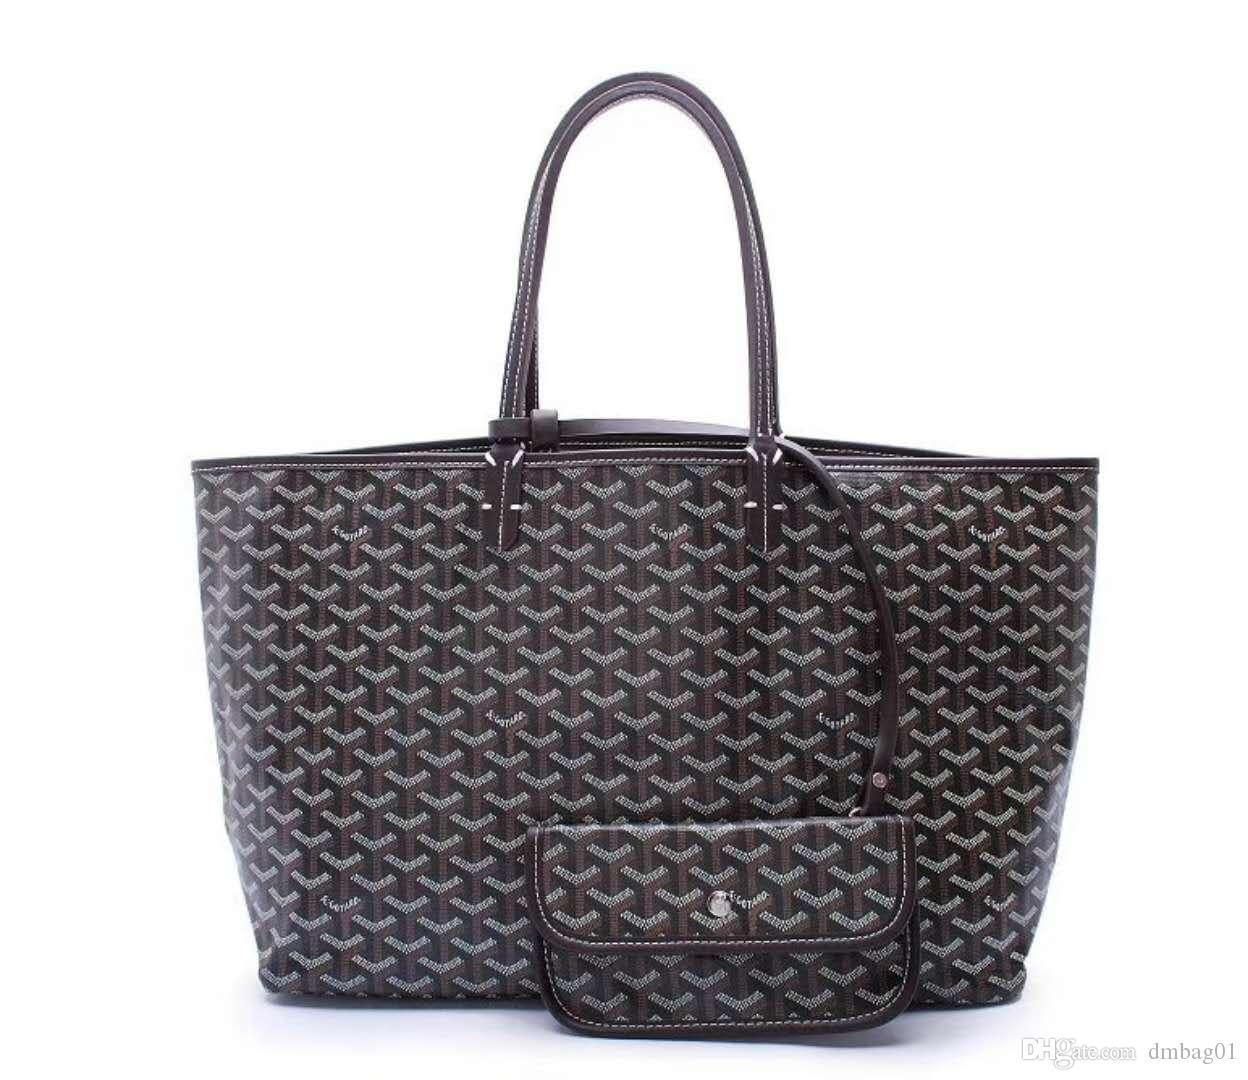 Rosa Sugao Designer Luxus-Handtaschen Geldbeutel Frauen-Einkaufstasche aus echtem Leder höchster Qualität als Speicher shoudler Beutelfrauenhandtaschen 2pcs / set 9color